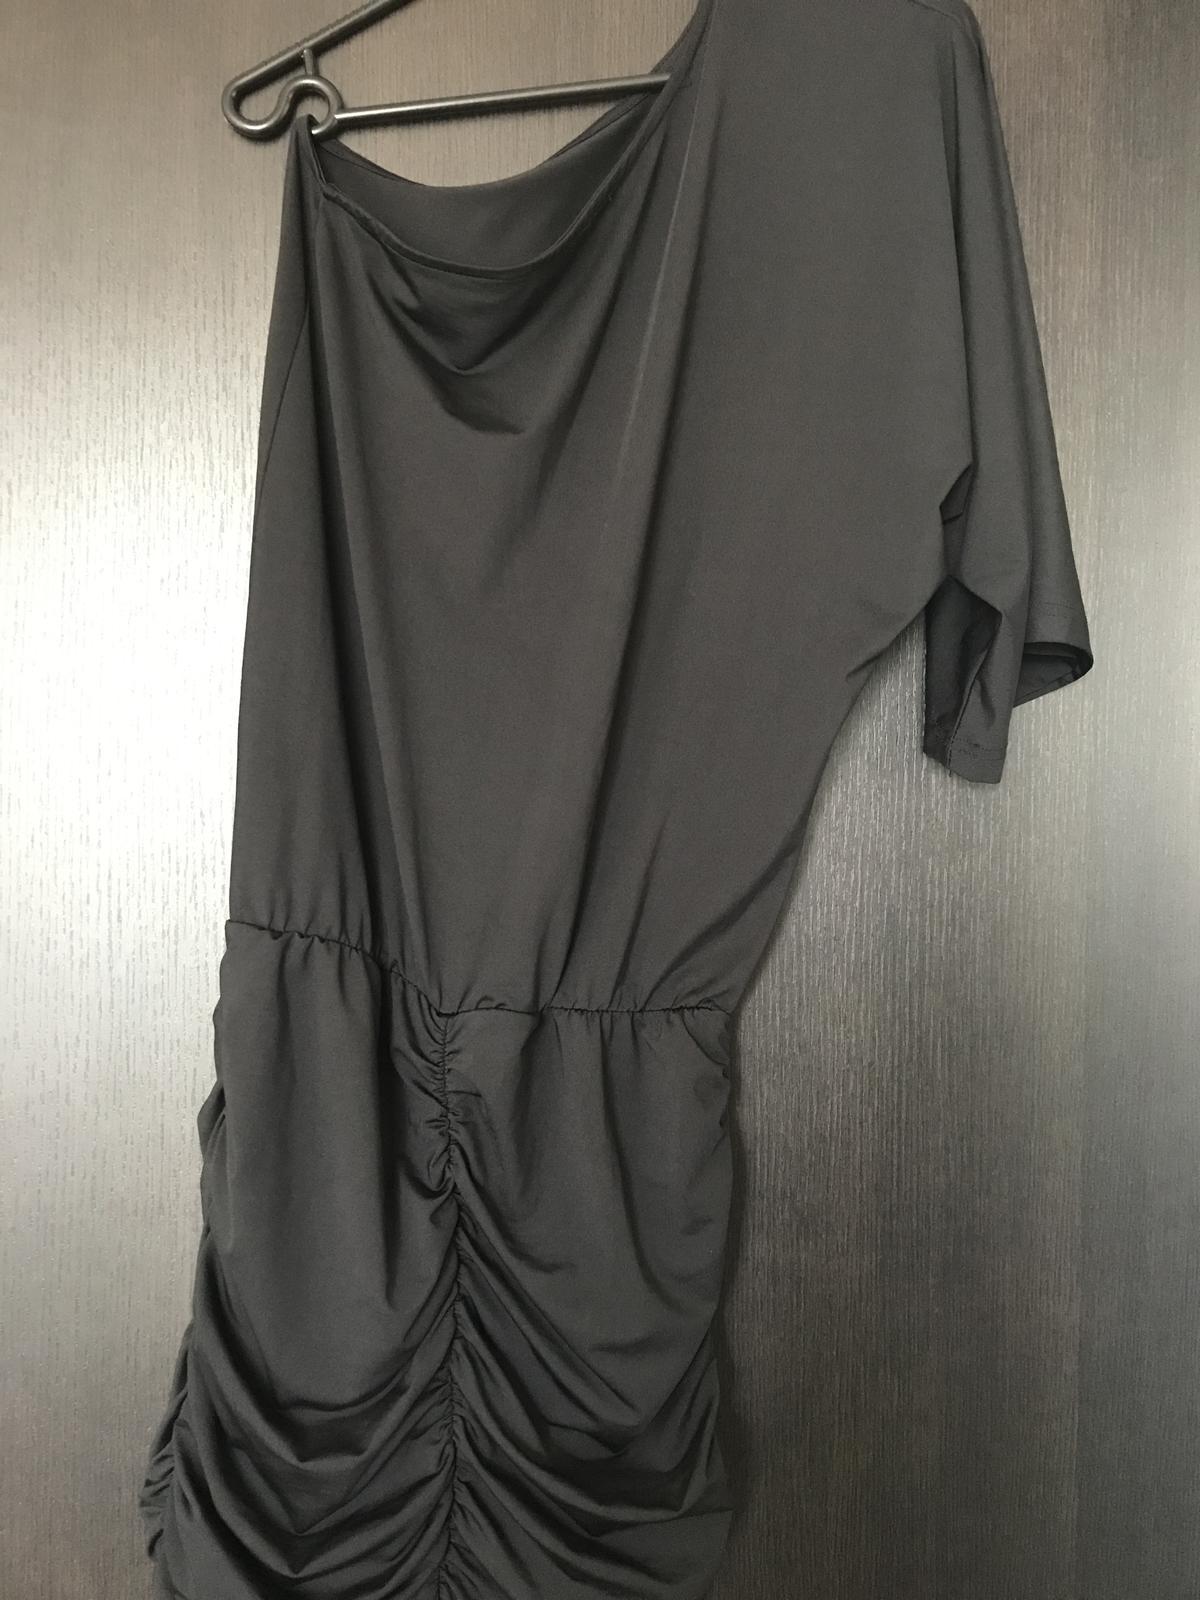 Šaty s jedným rukávom - Obrázok č. 1